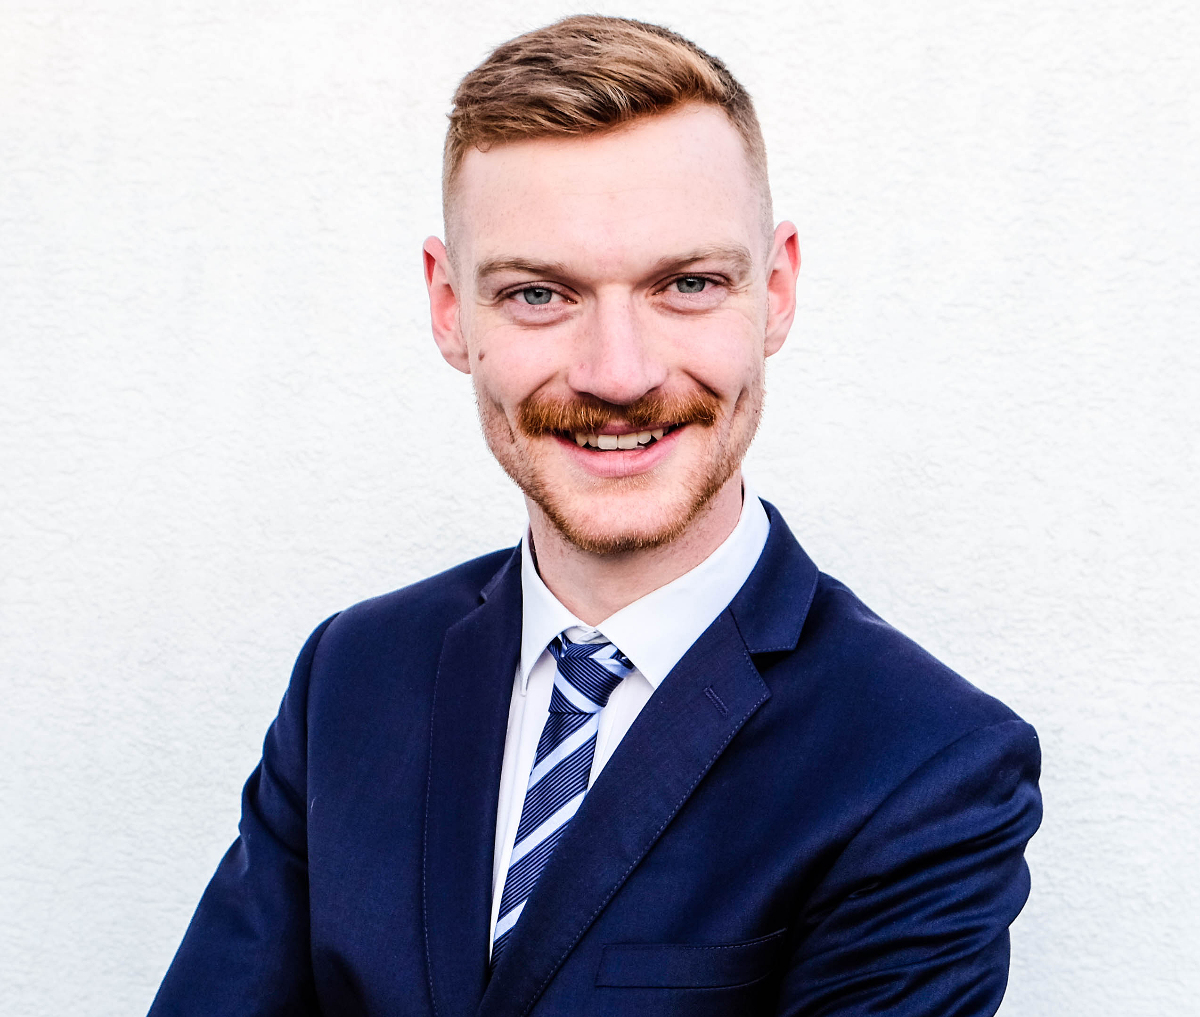 Porträtfoto von Kay Tuschen vor einer weißen Wand. Er trägt ein blaues Sakko und ein weißes Hemd mit blau-weiß-gestreifter Krawatte.